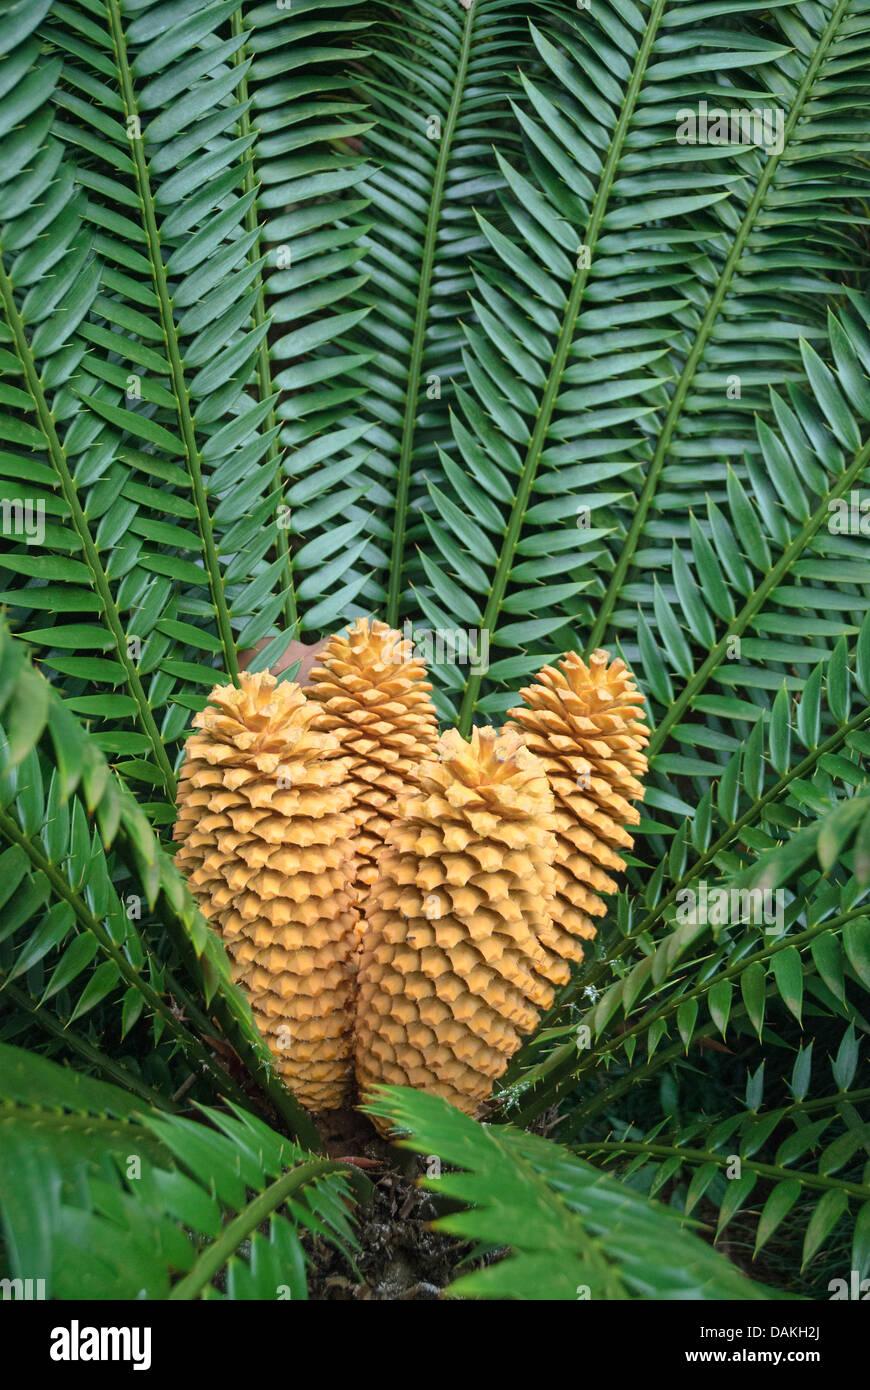 Lebombo cycad  (Encephalartos senticosus), with cones - Stock Image